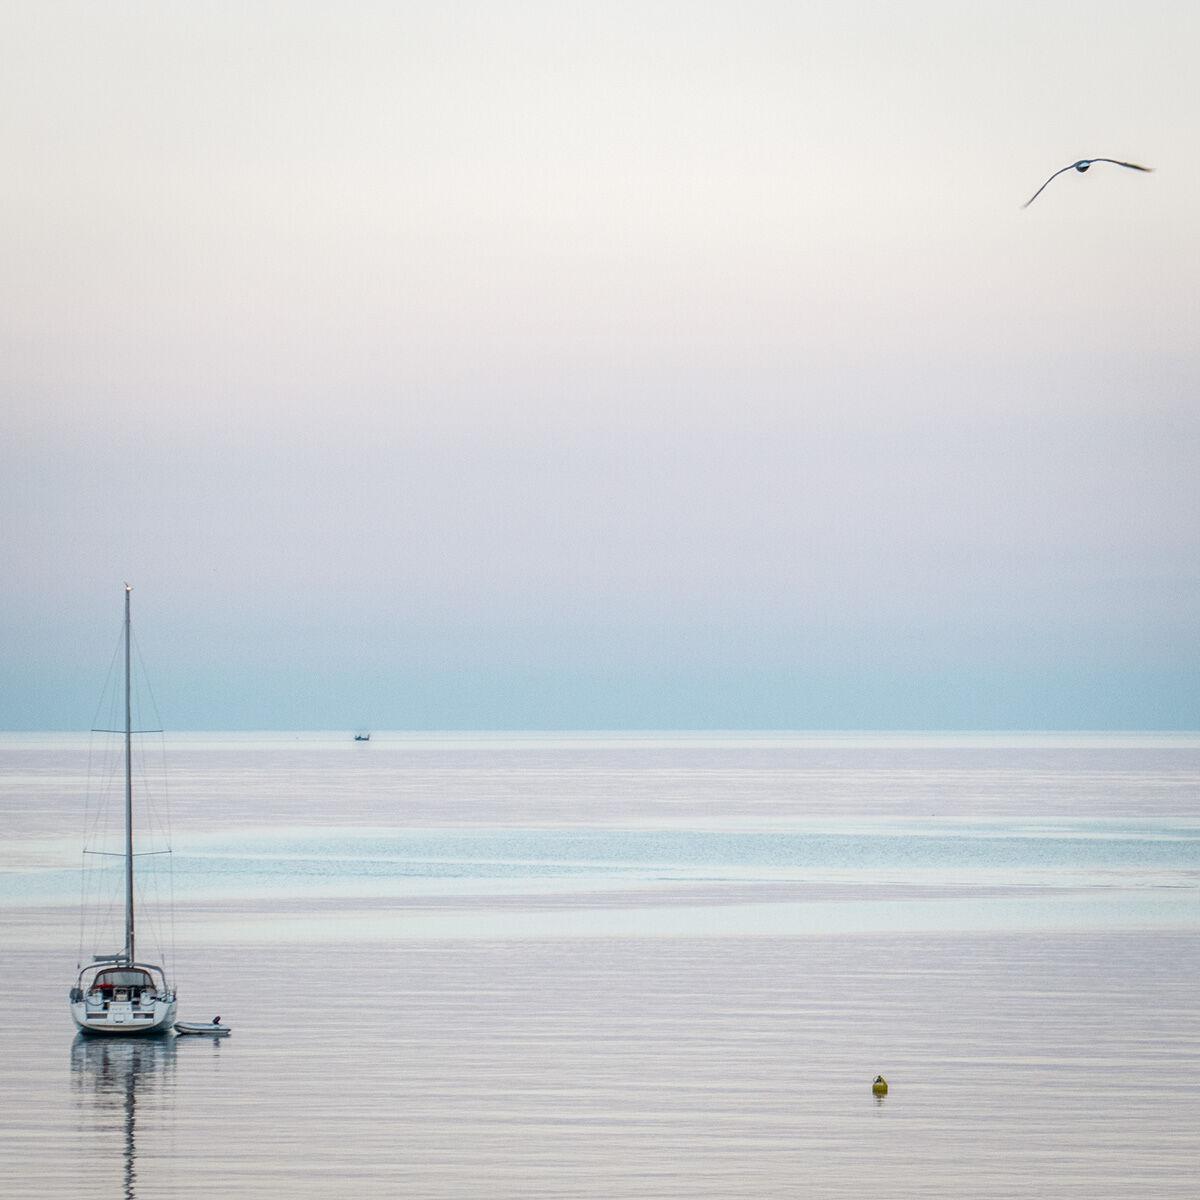 Dawn on the Adriatic Sea